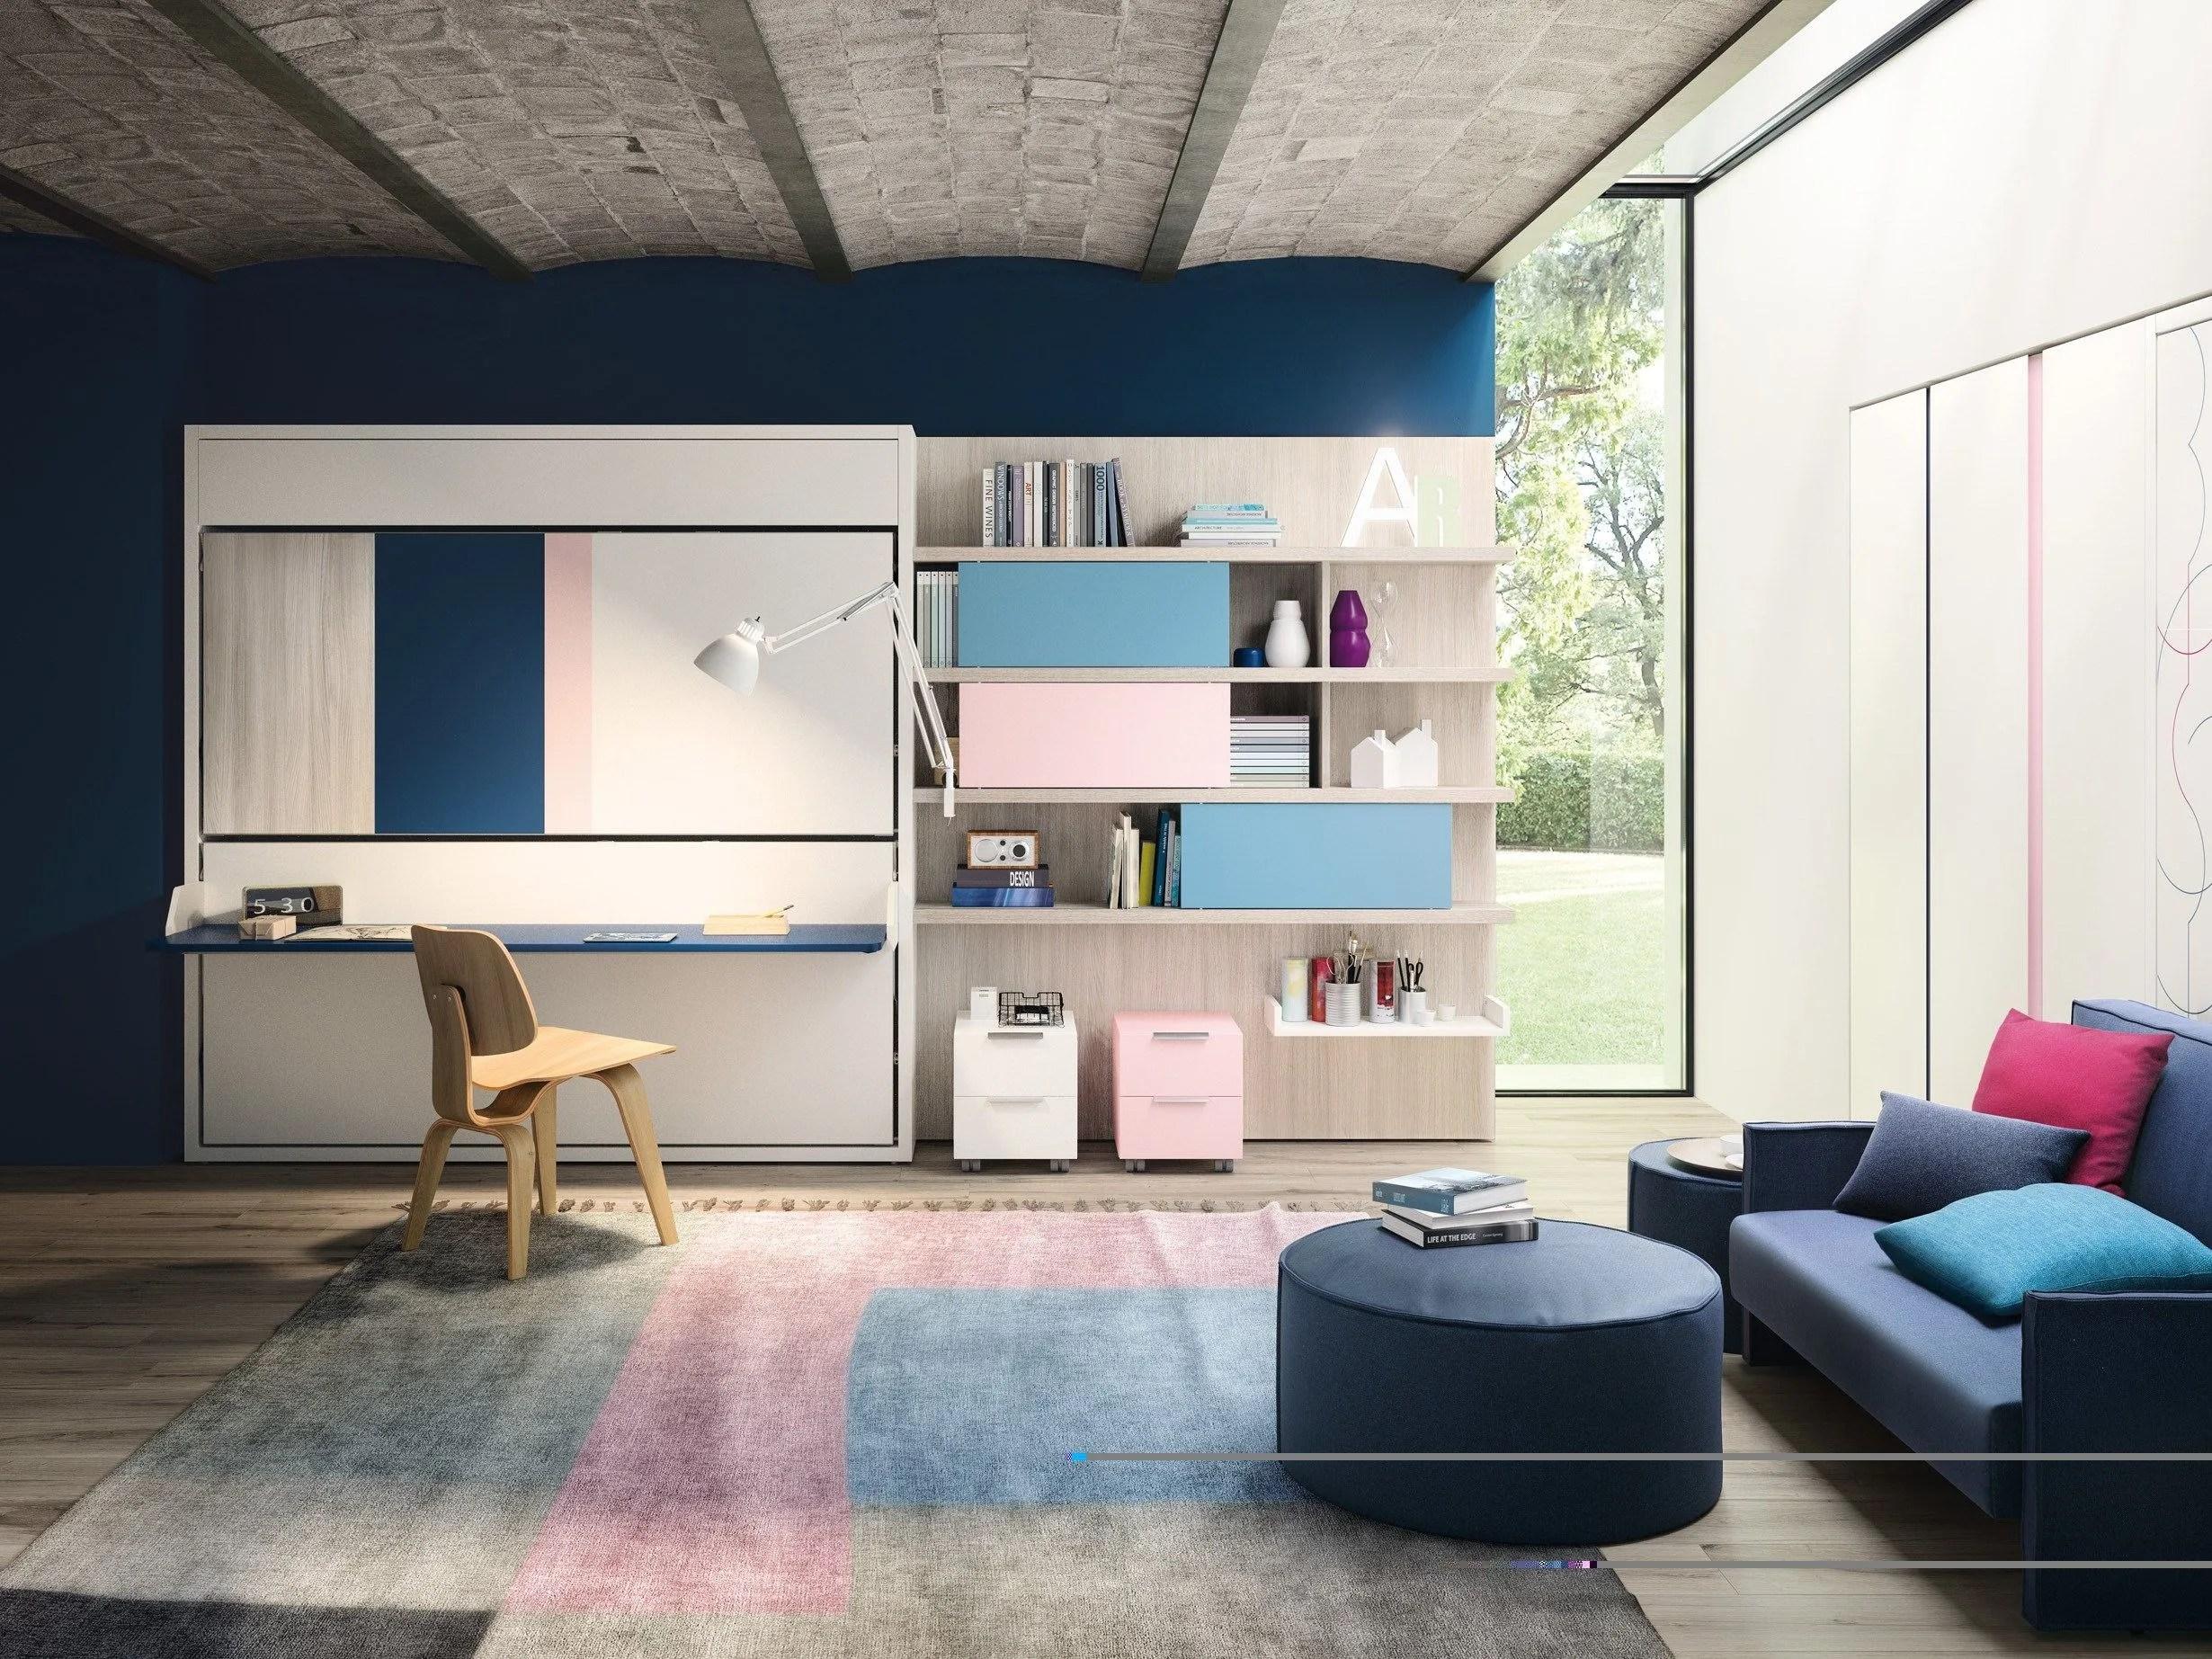 clei sofa bed raymour and flanigan natuzzi sofas kali duo board parete attrezzata by